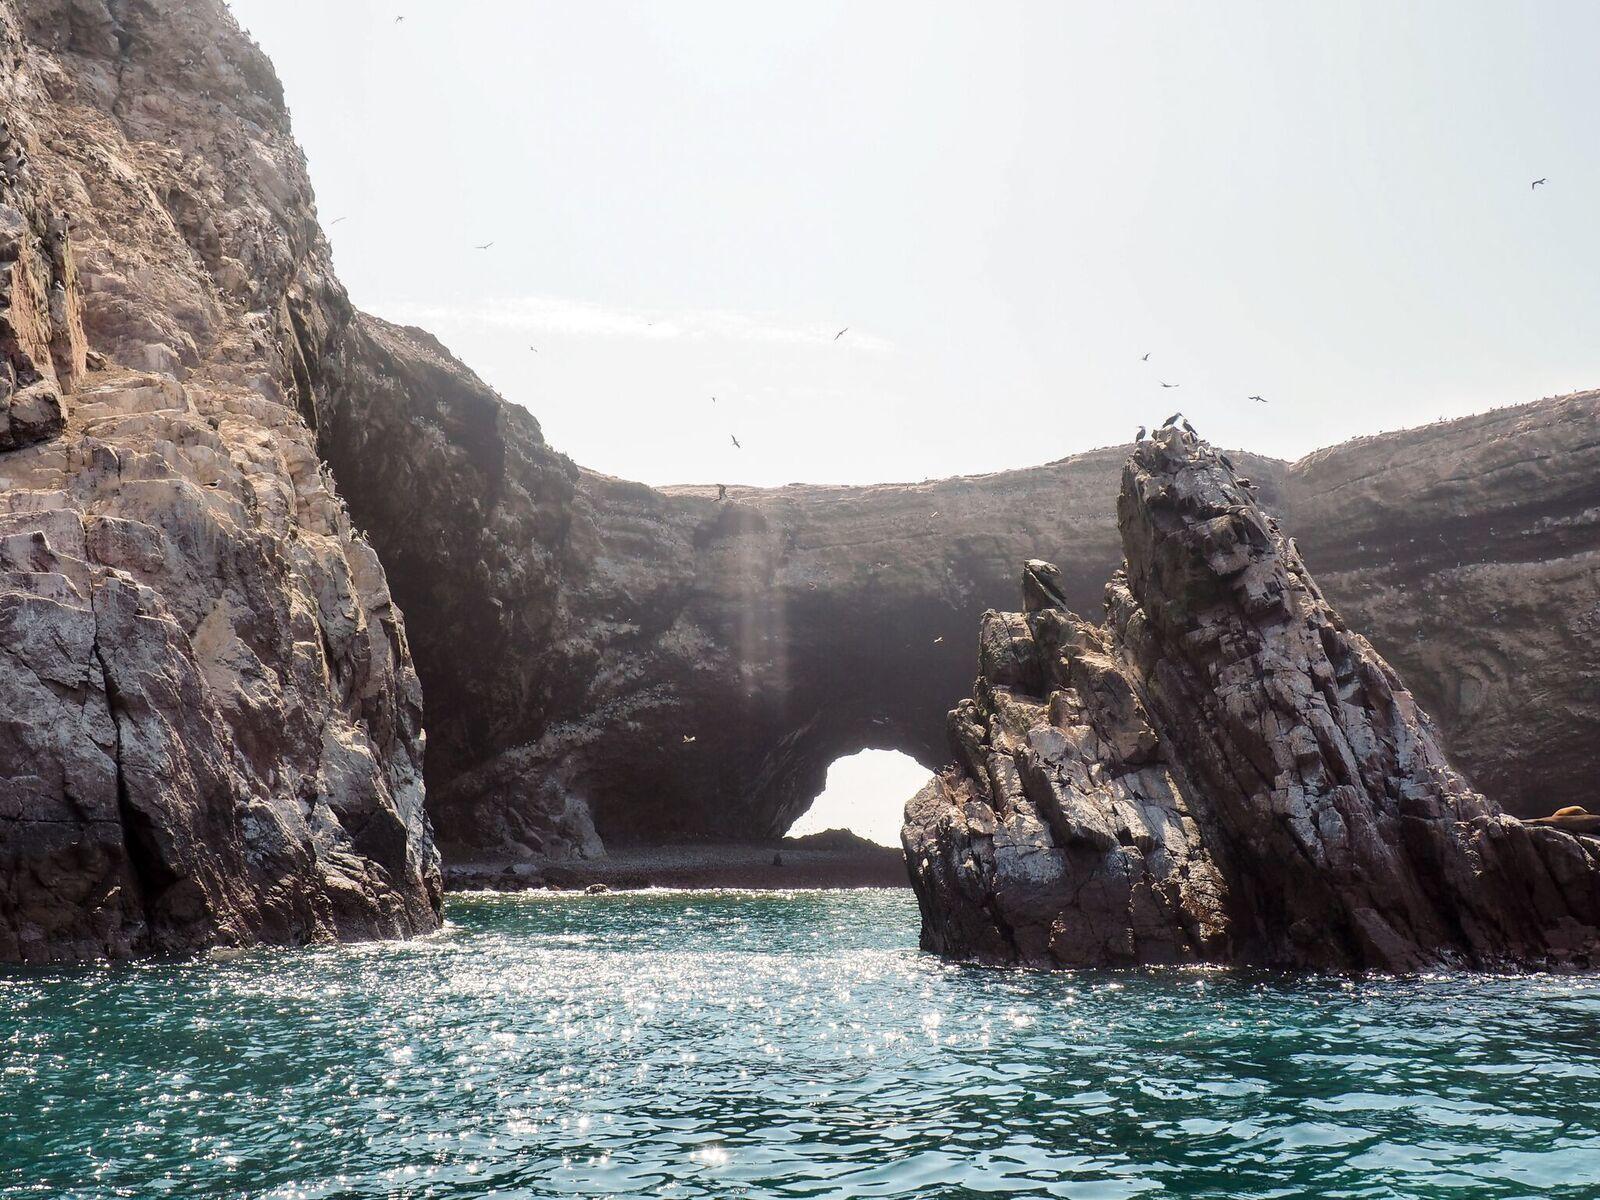 islas ballestas scenery